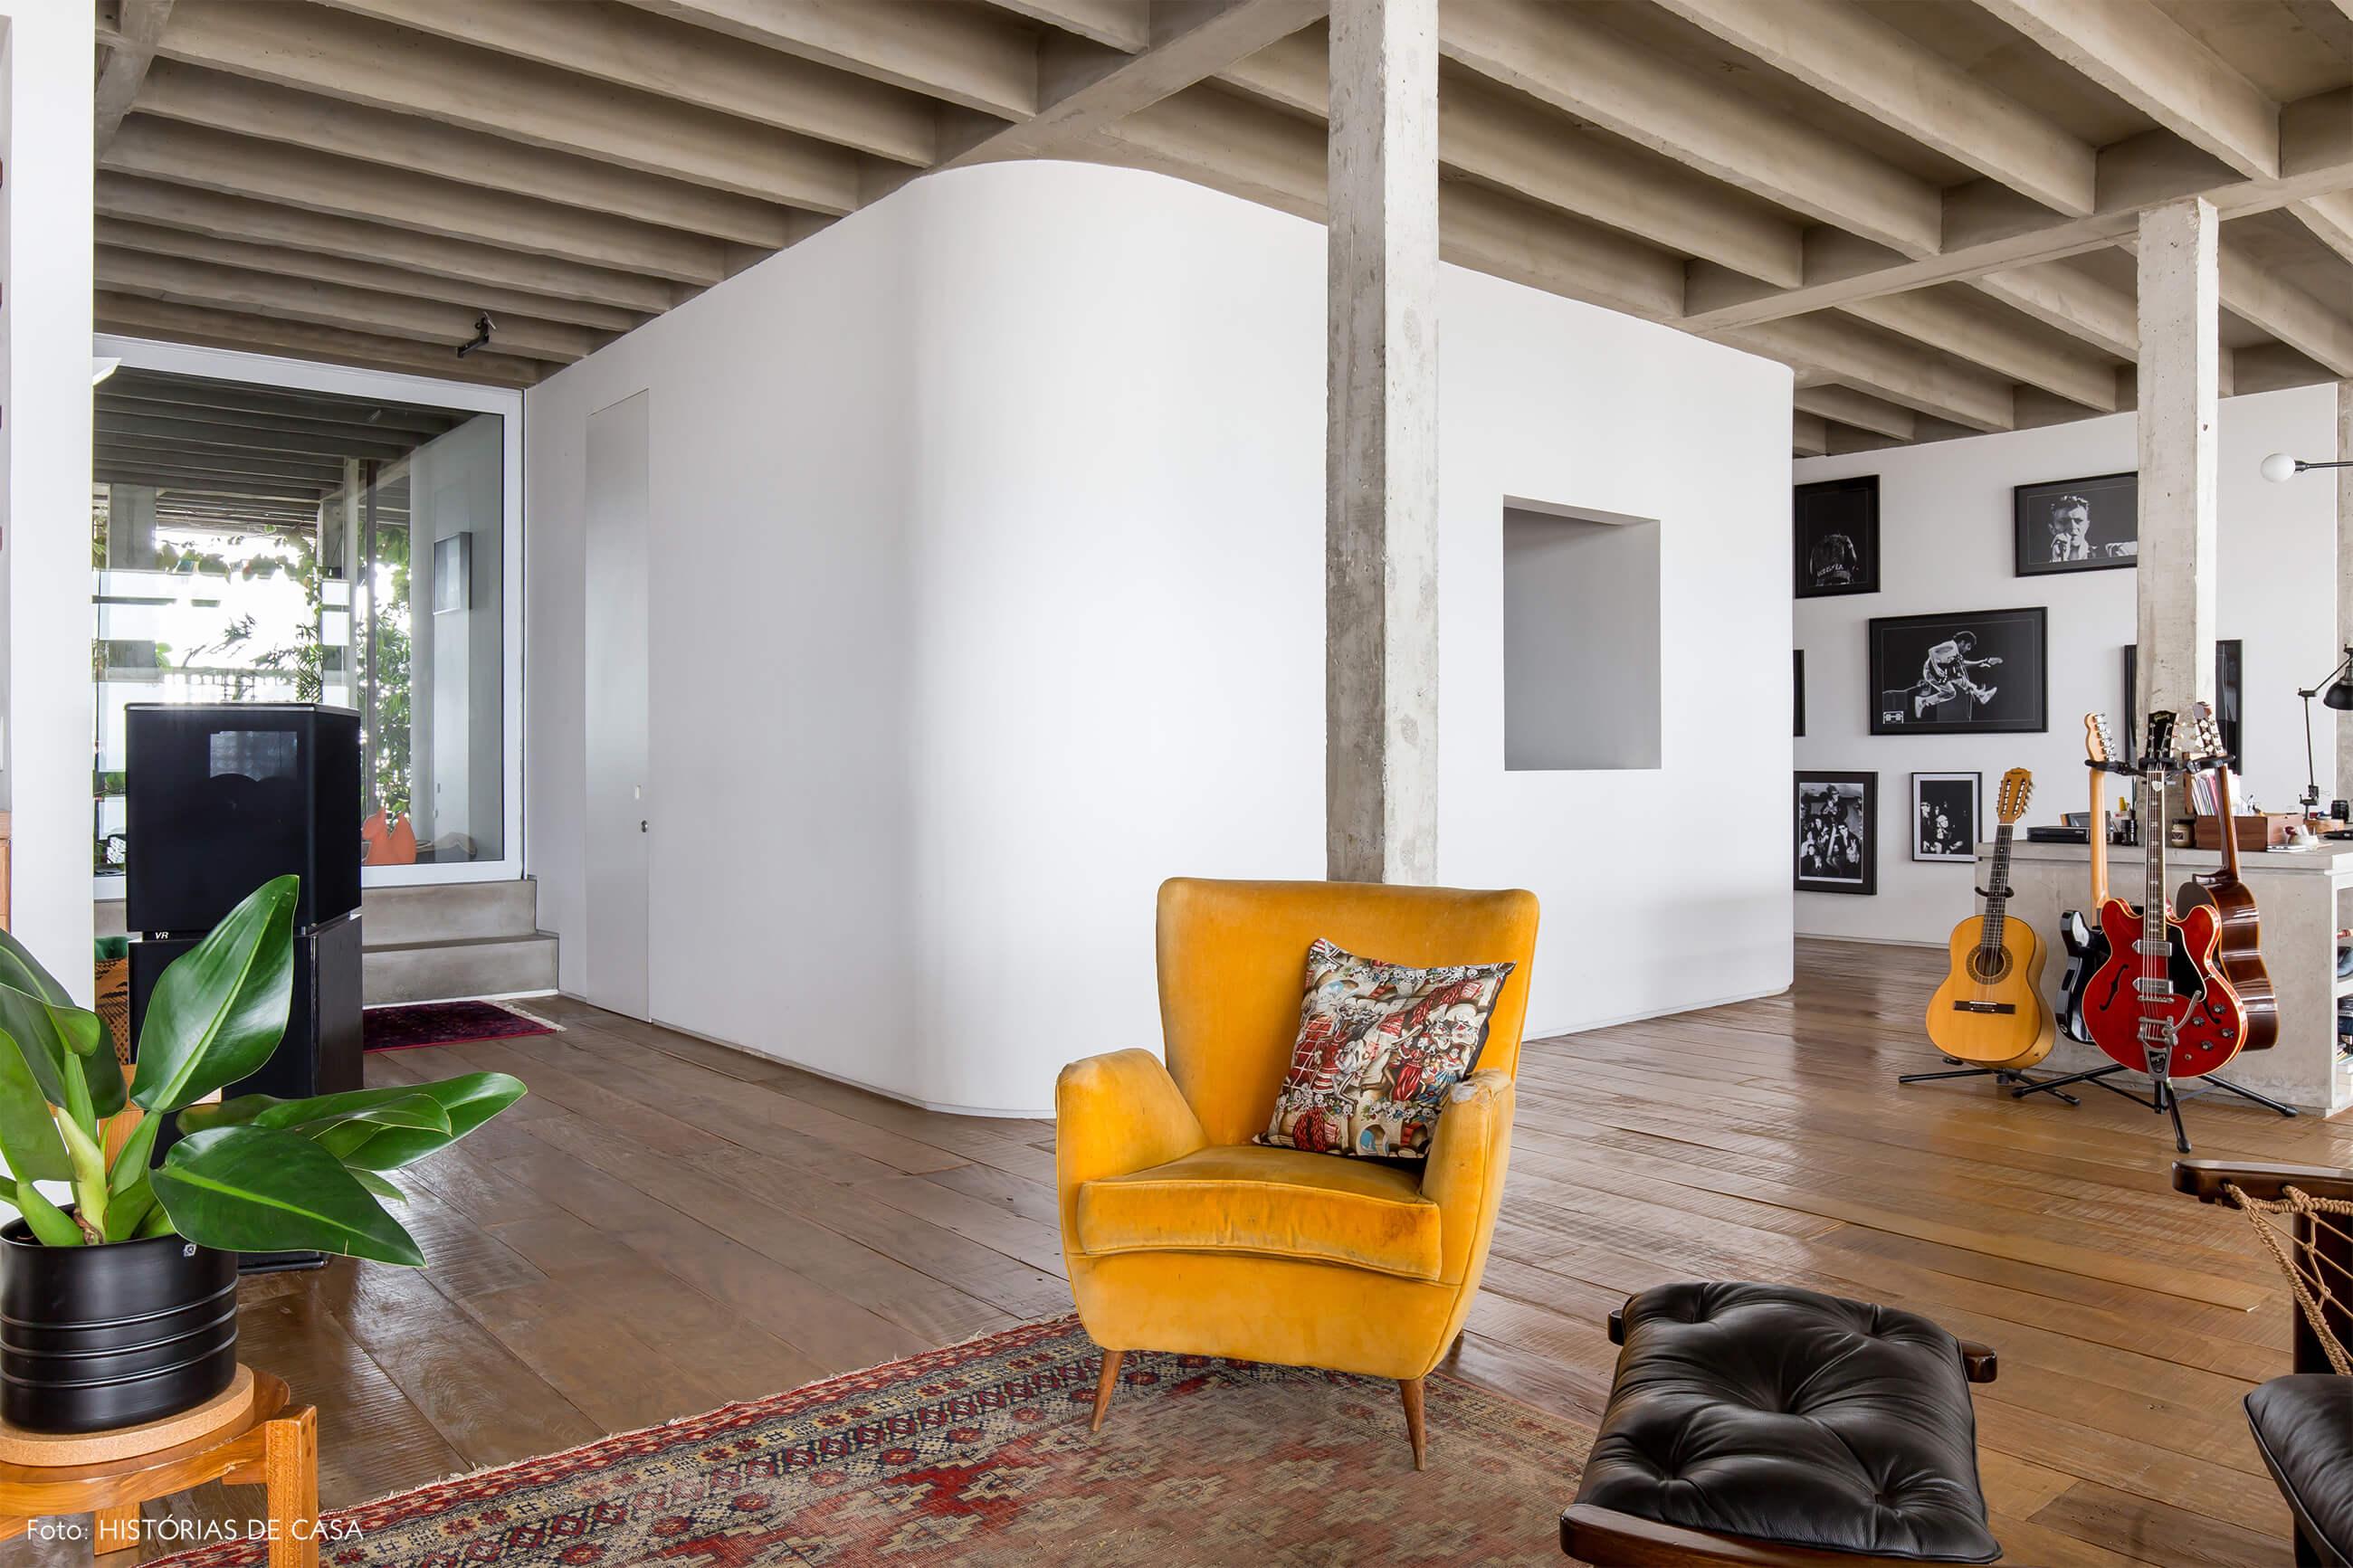 Ap decoração copan capsula branca piso de madeira colunas de concreto e poltrona amarela